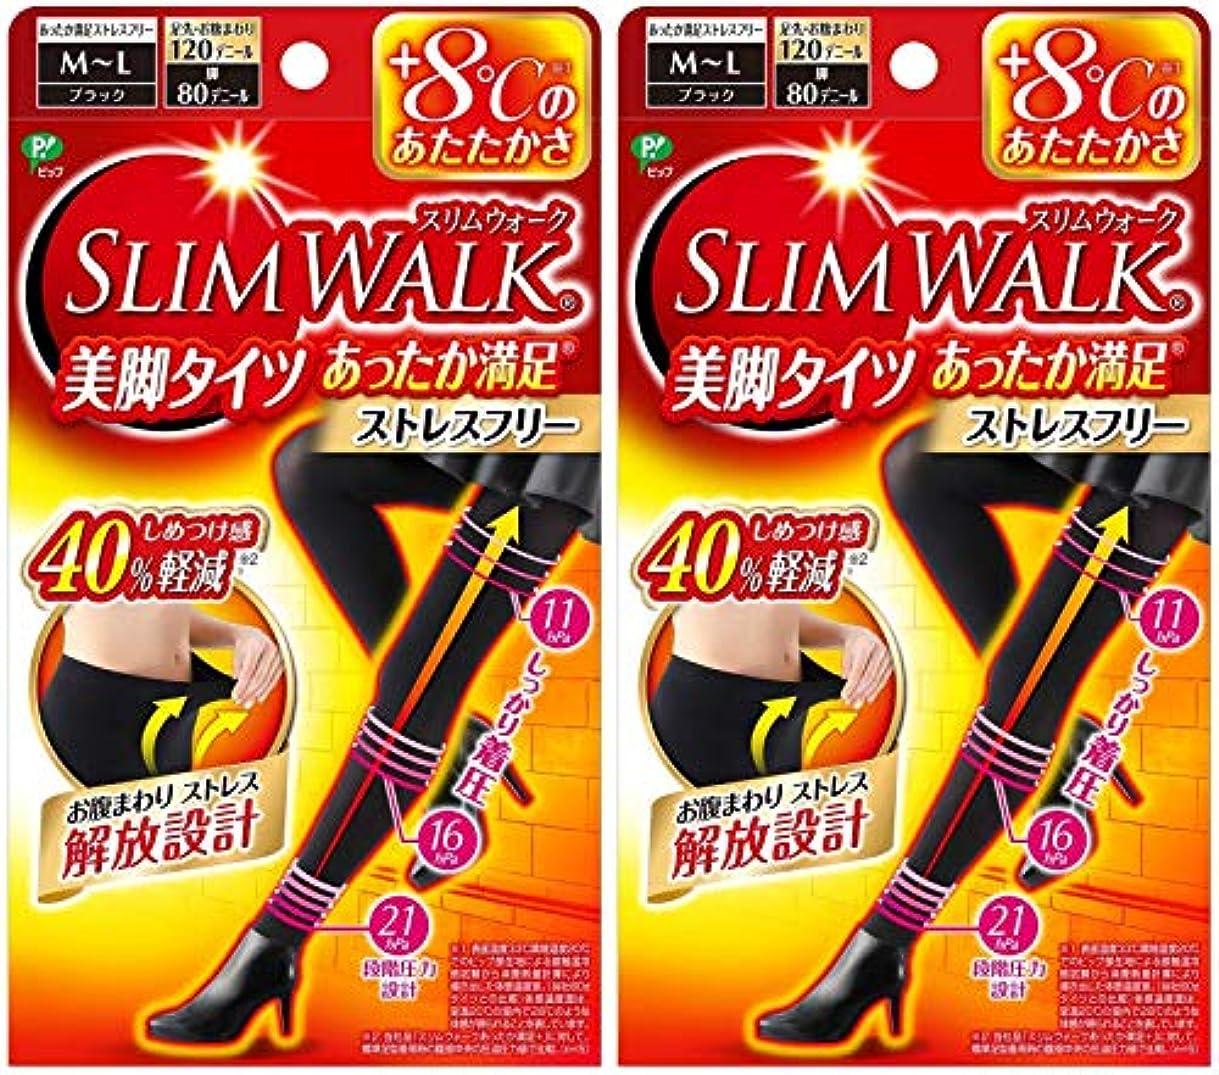 愚かカテナ救援【2個セット】 スリムウォーク (SLIM WALK) 美脚タイツ あったか満足 おそと用 M~Lサイズ